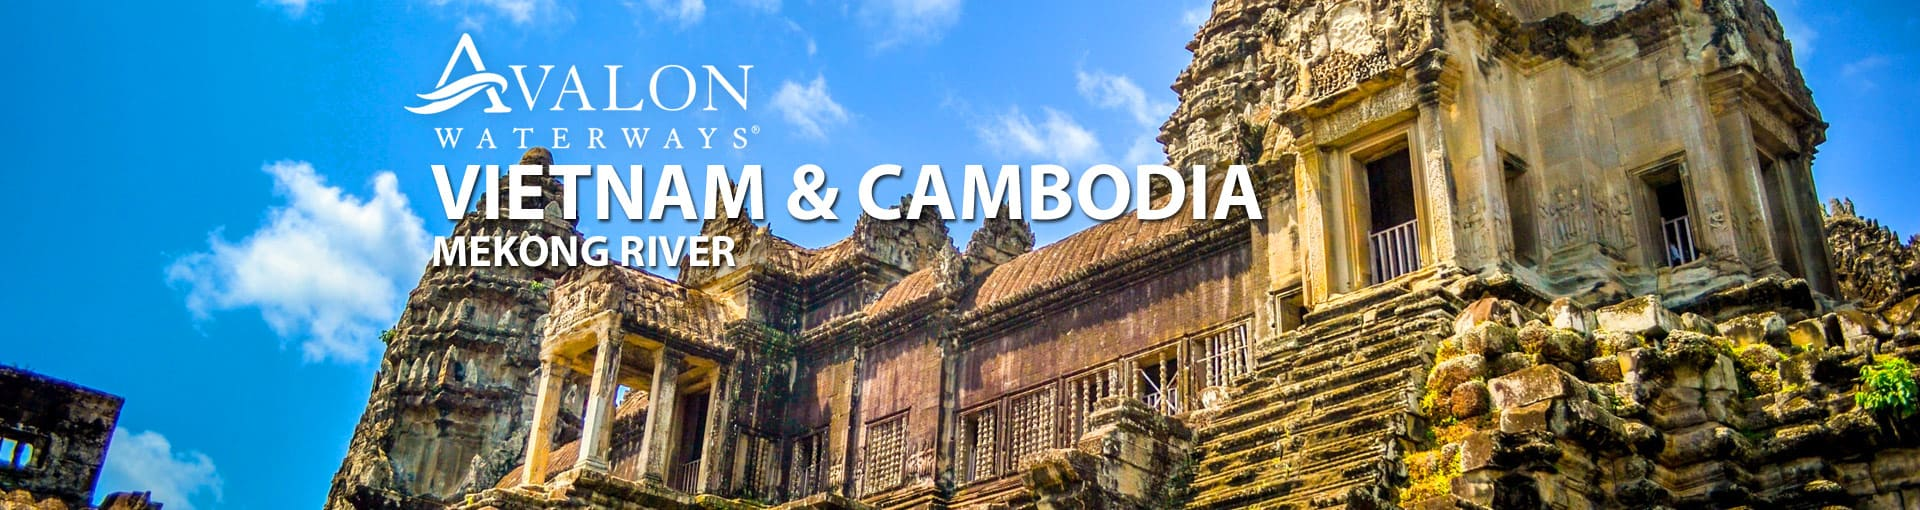 Avalon Waterways River Cruises to Vietnam and Cambodia